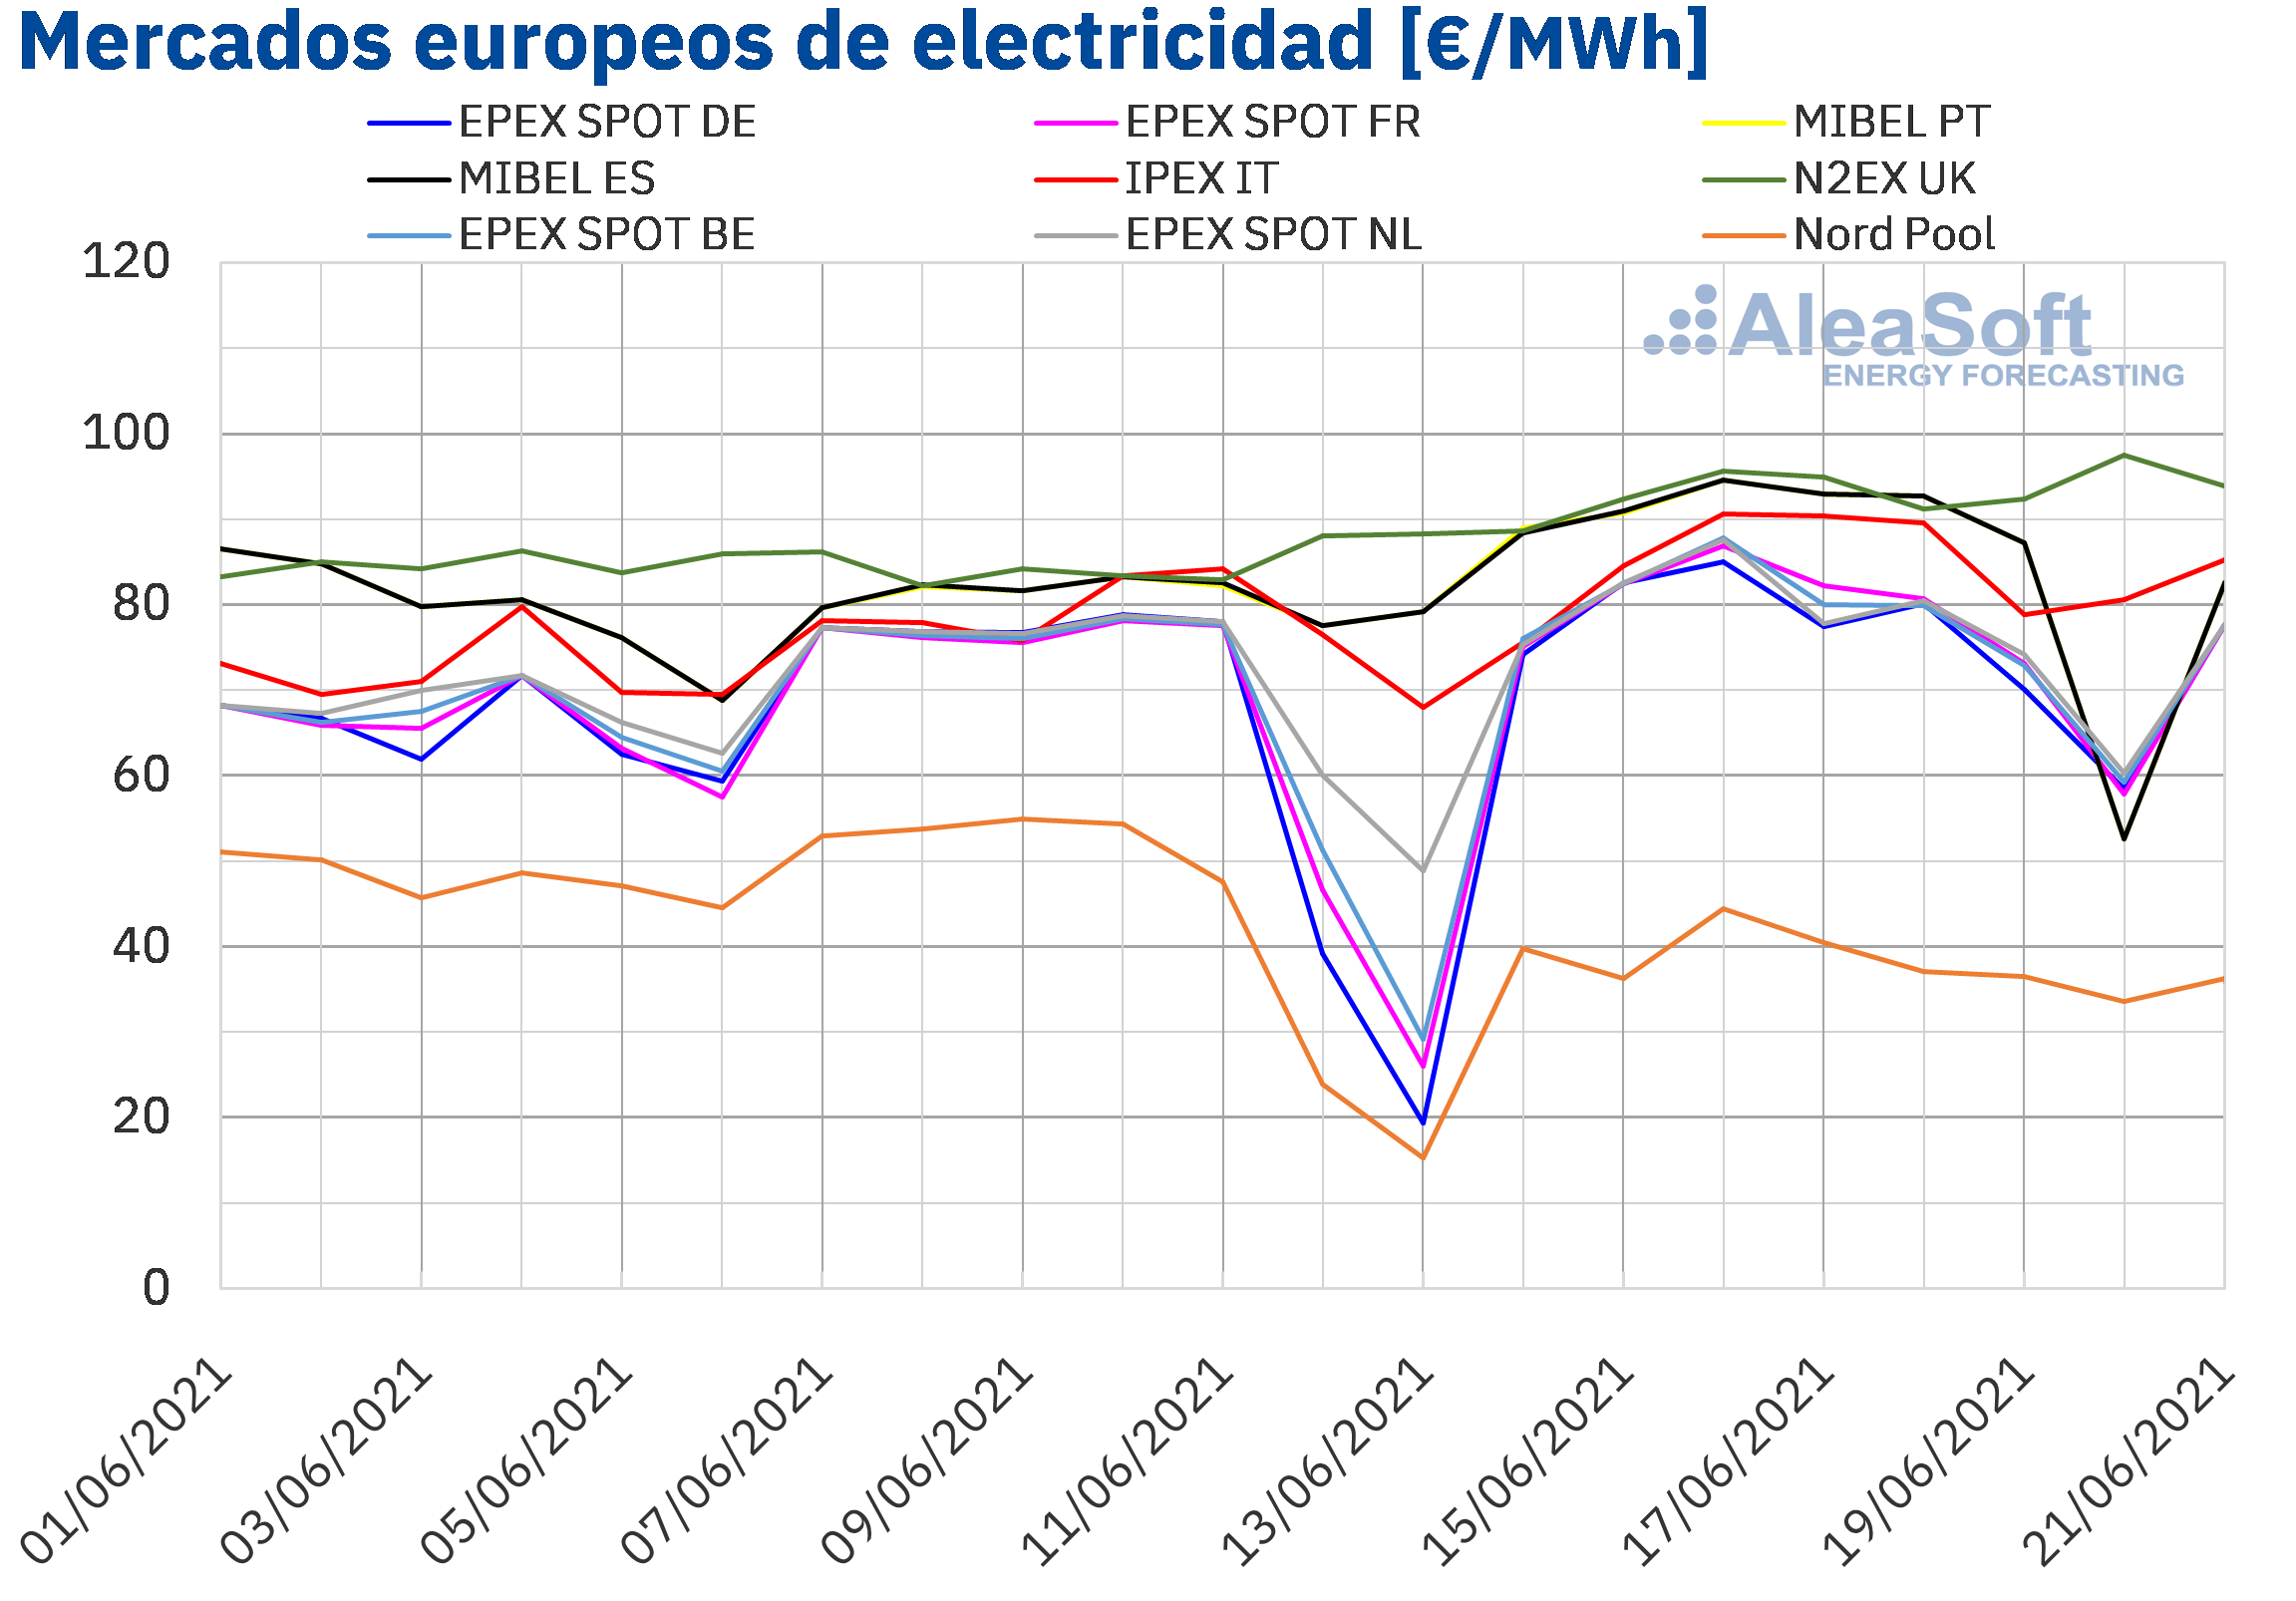 AleaSoft: La demanda eléctrica se suma Al CO2 y el gas como causas de las subidas de los mercados europeos